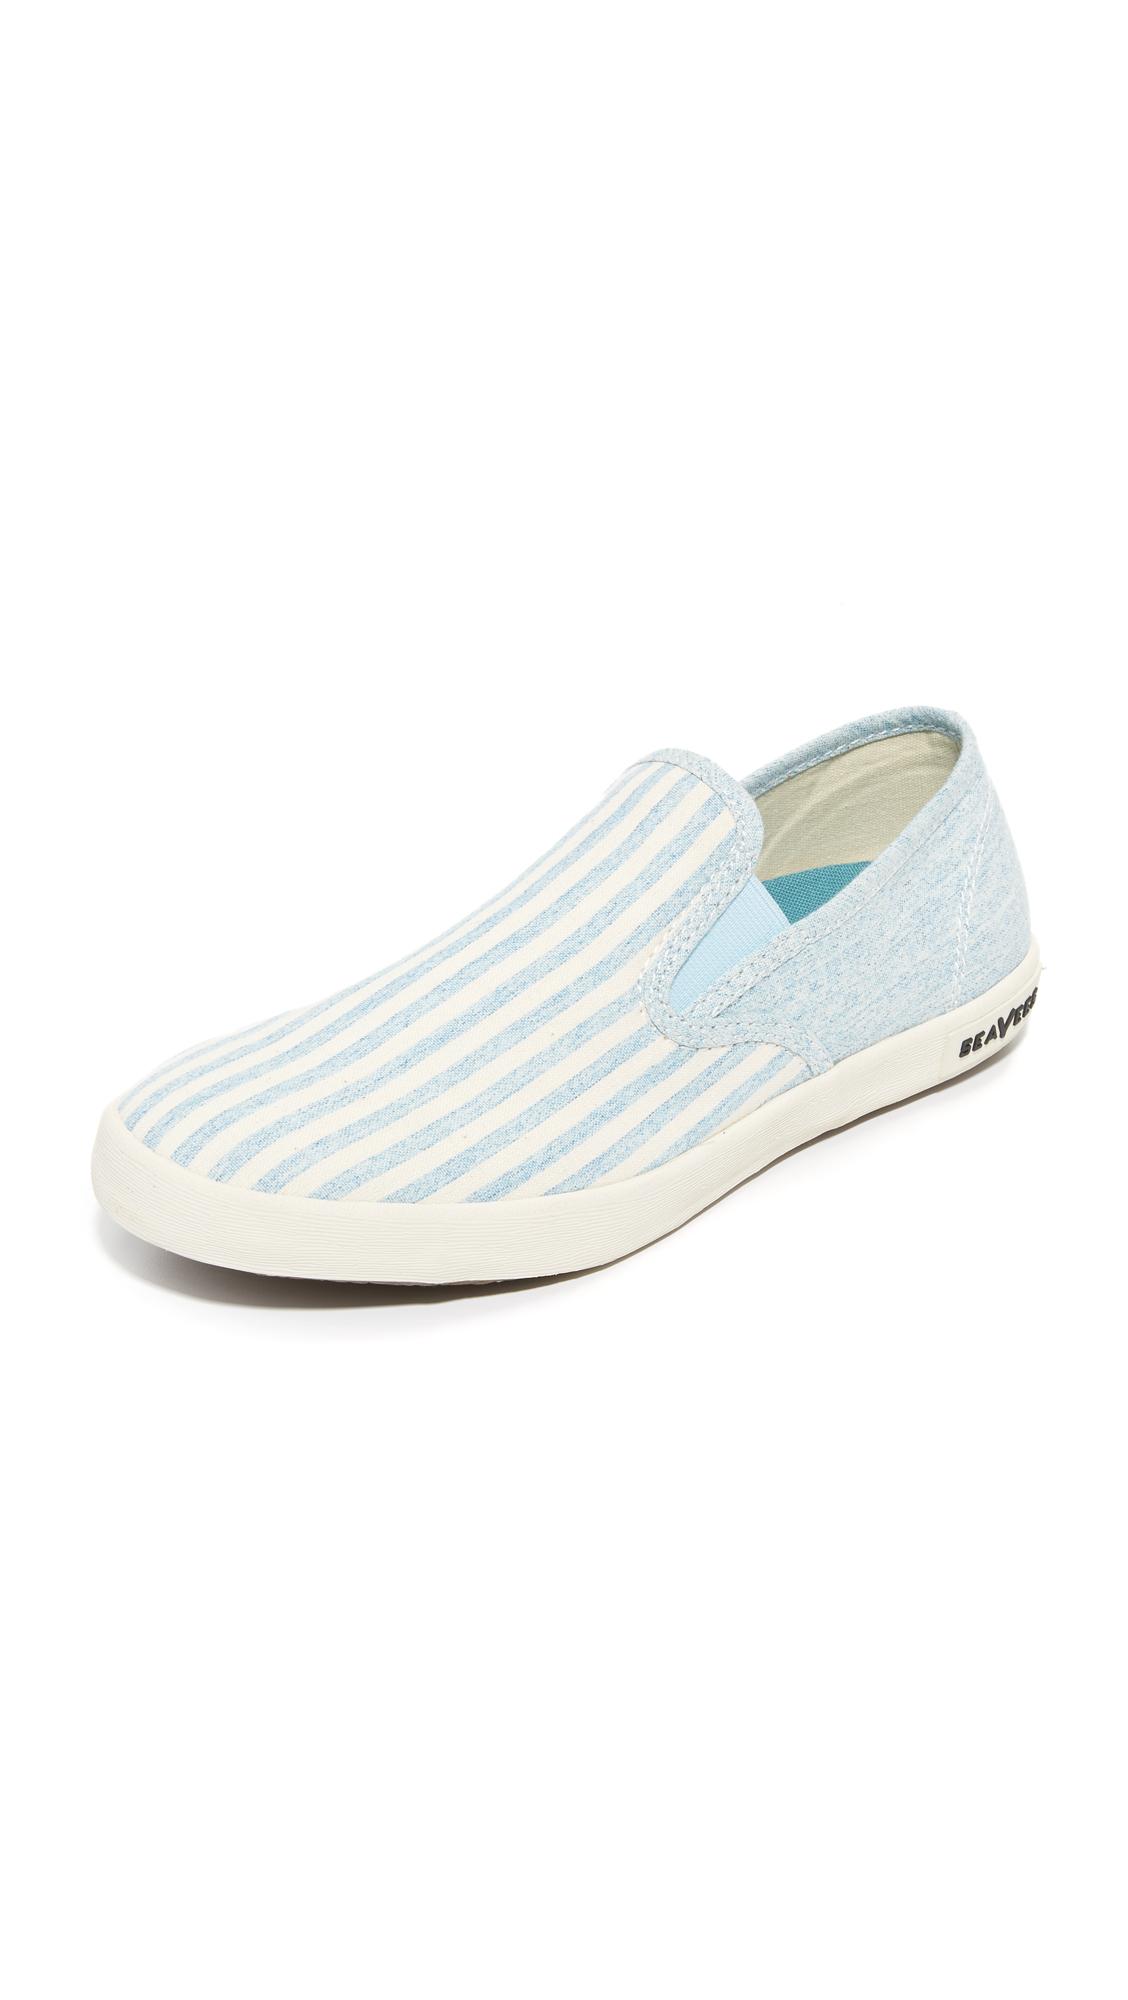 seavees female seavees baja beach club slip on sneakers soft blue